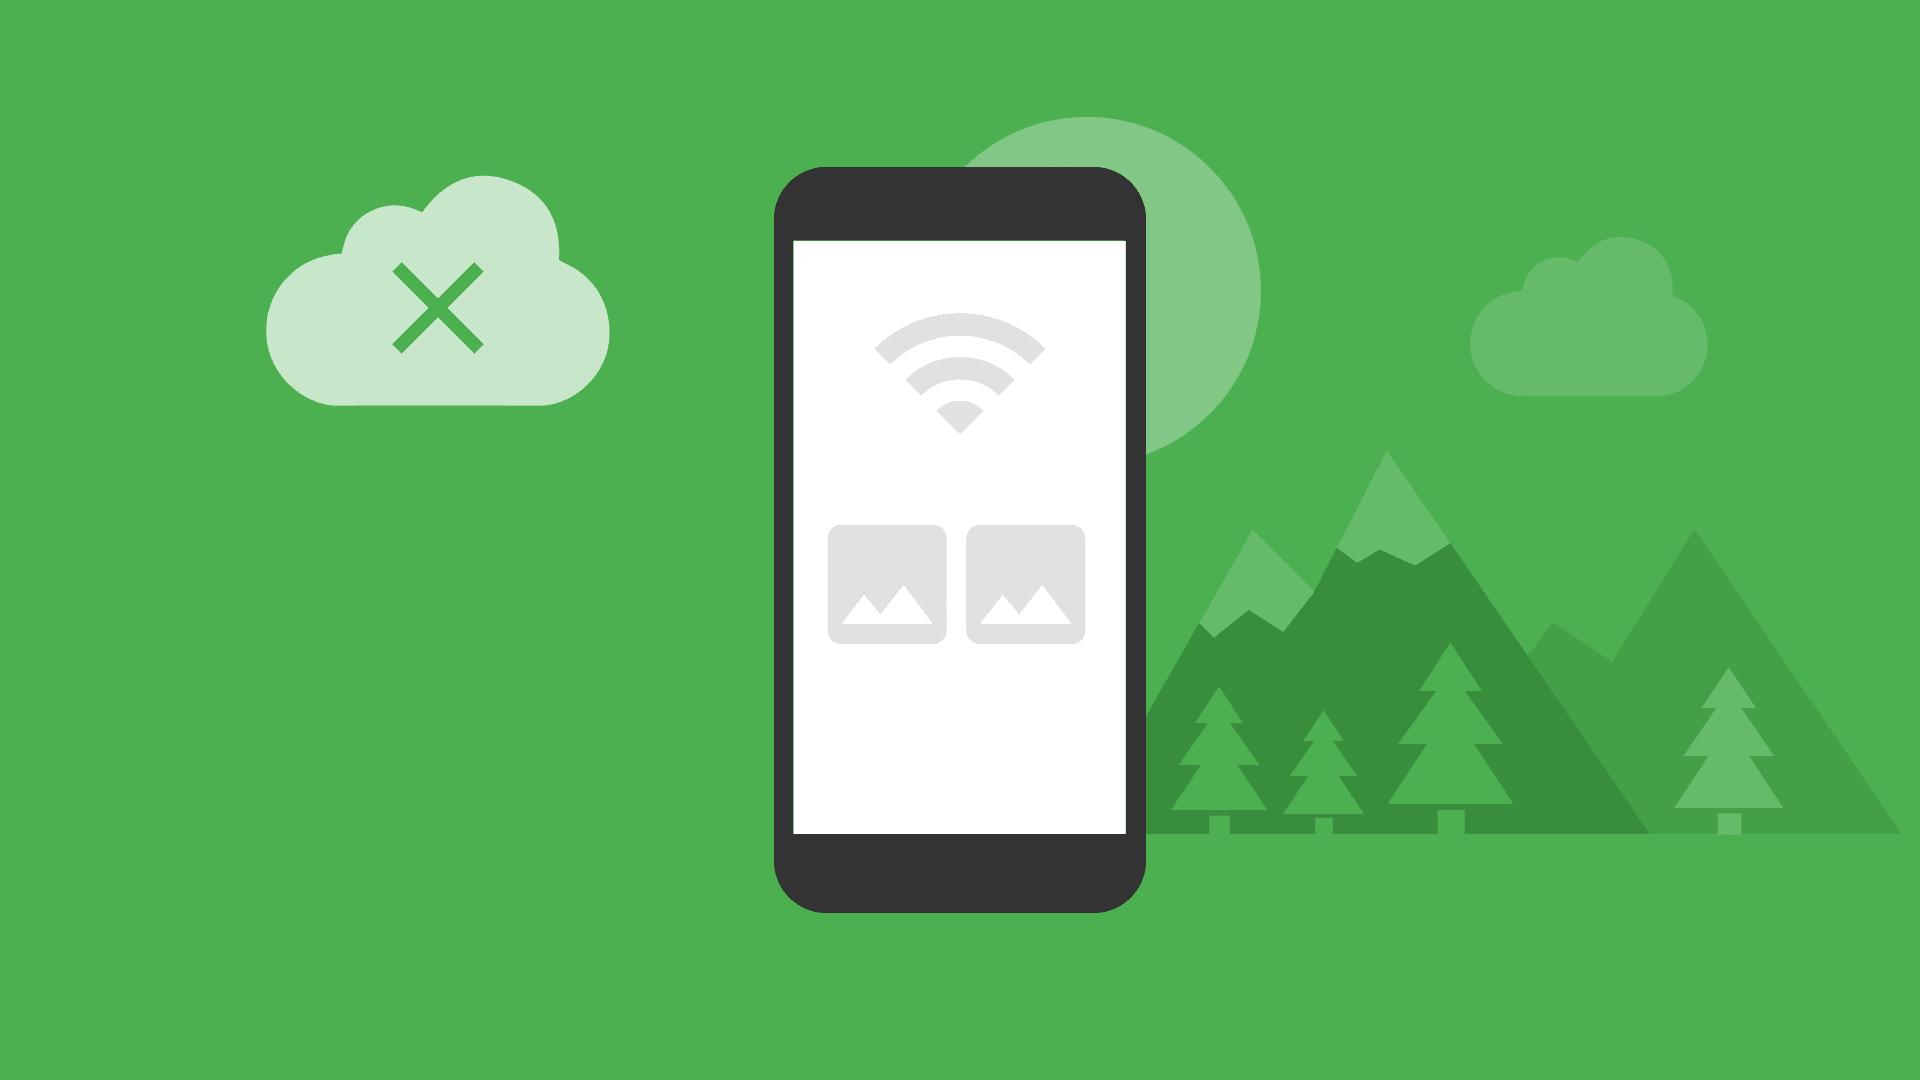 Phone screen showing offline status